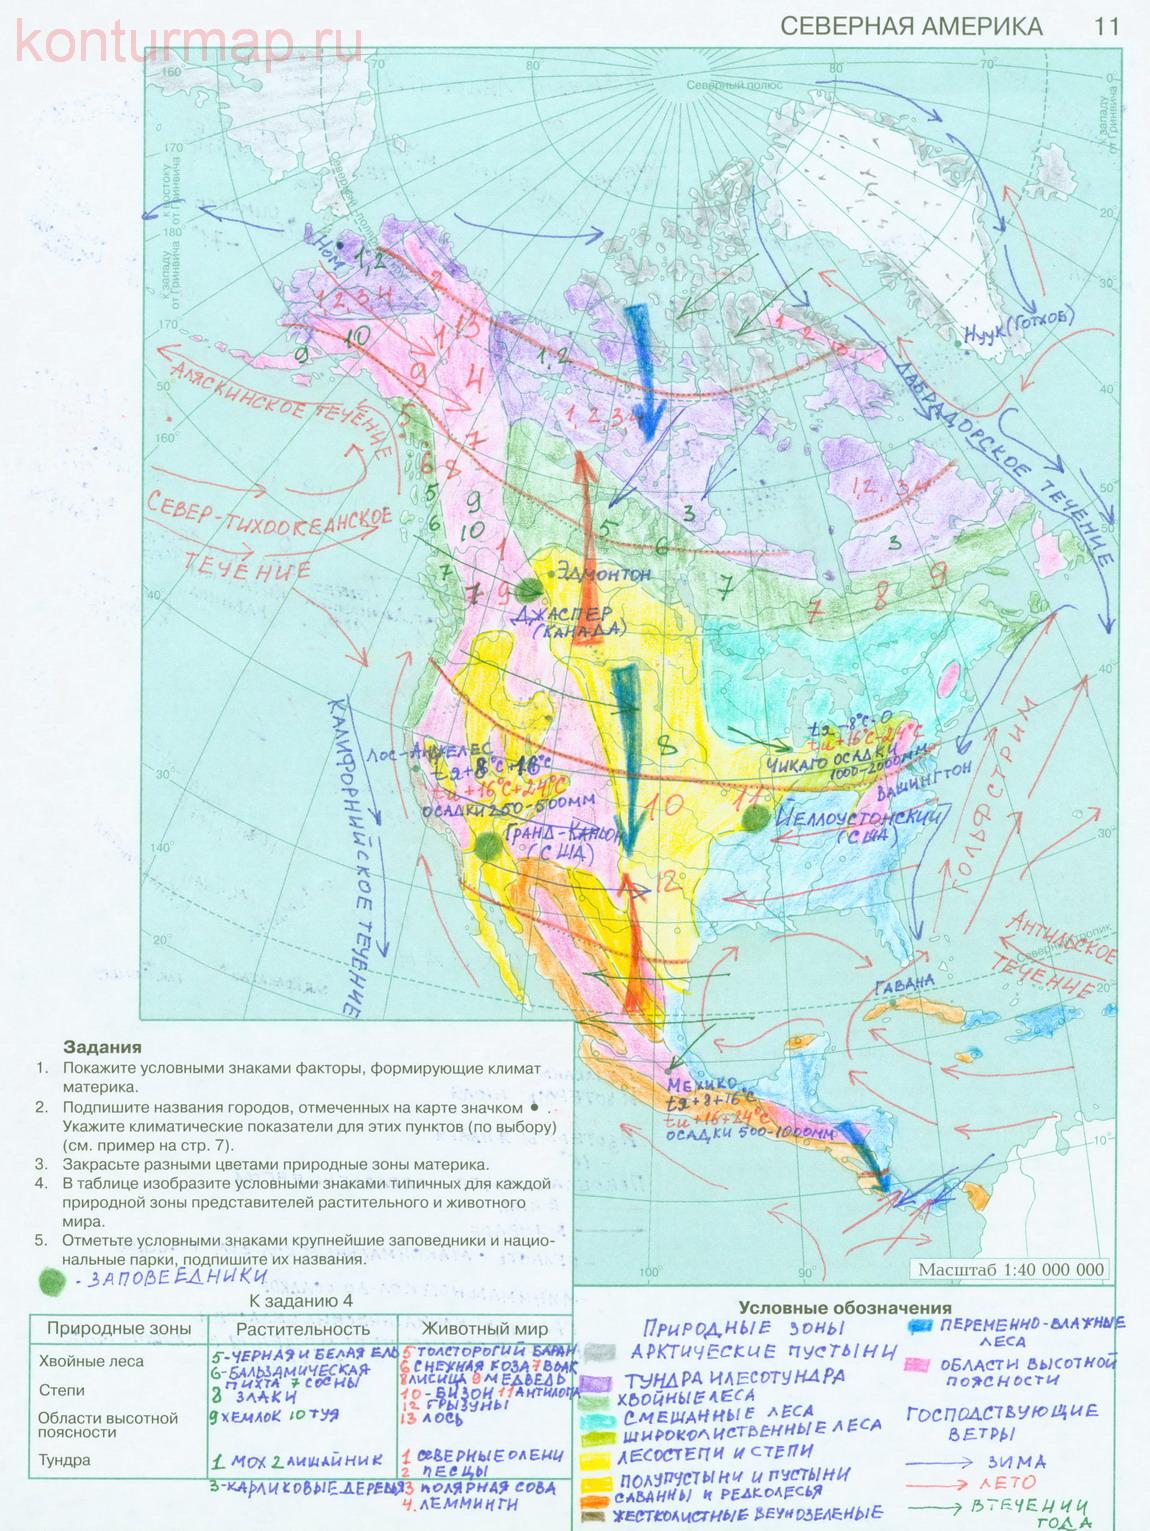 Гдз контурные карты по географии 7 класс аст-пресс решебник niglus.